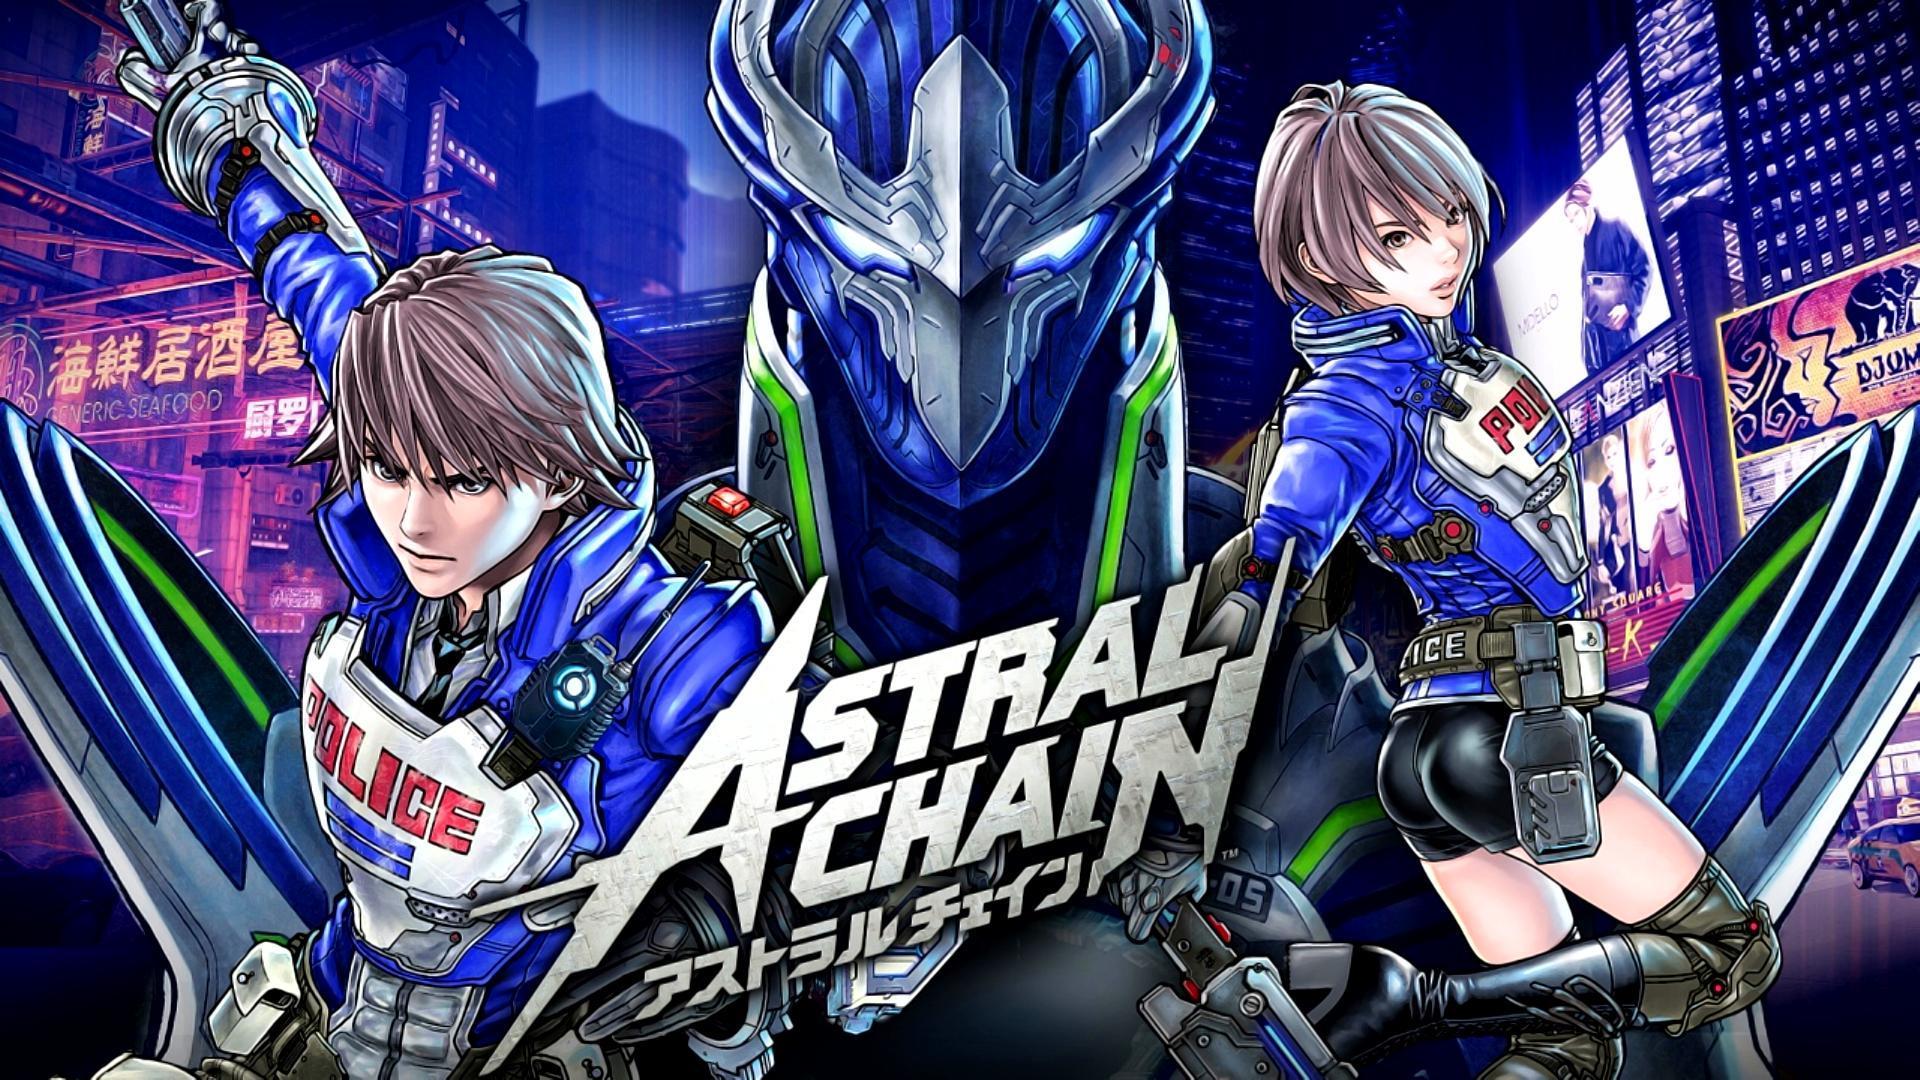 Astral Chain: Nintendo probabilmente ha acquisito totalmente il franchise.